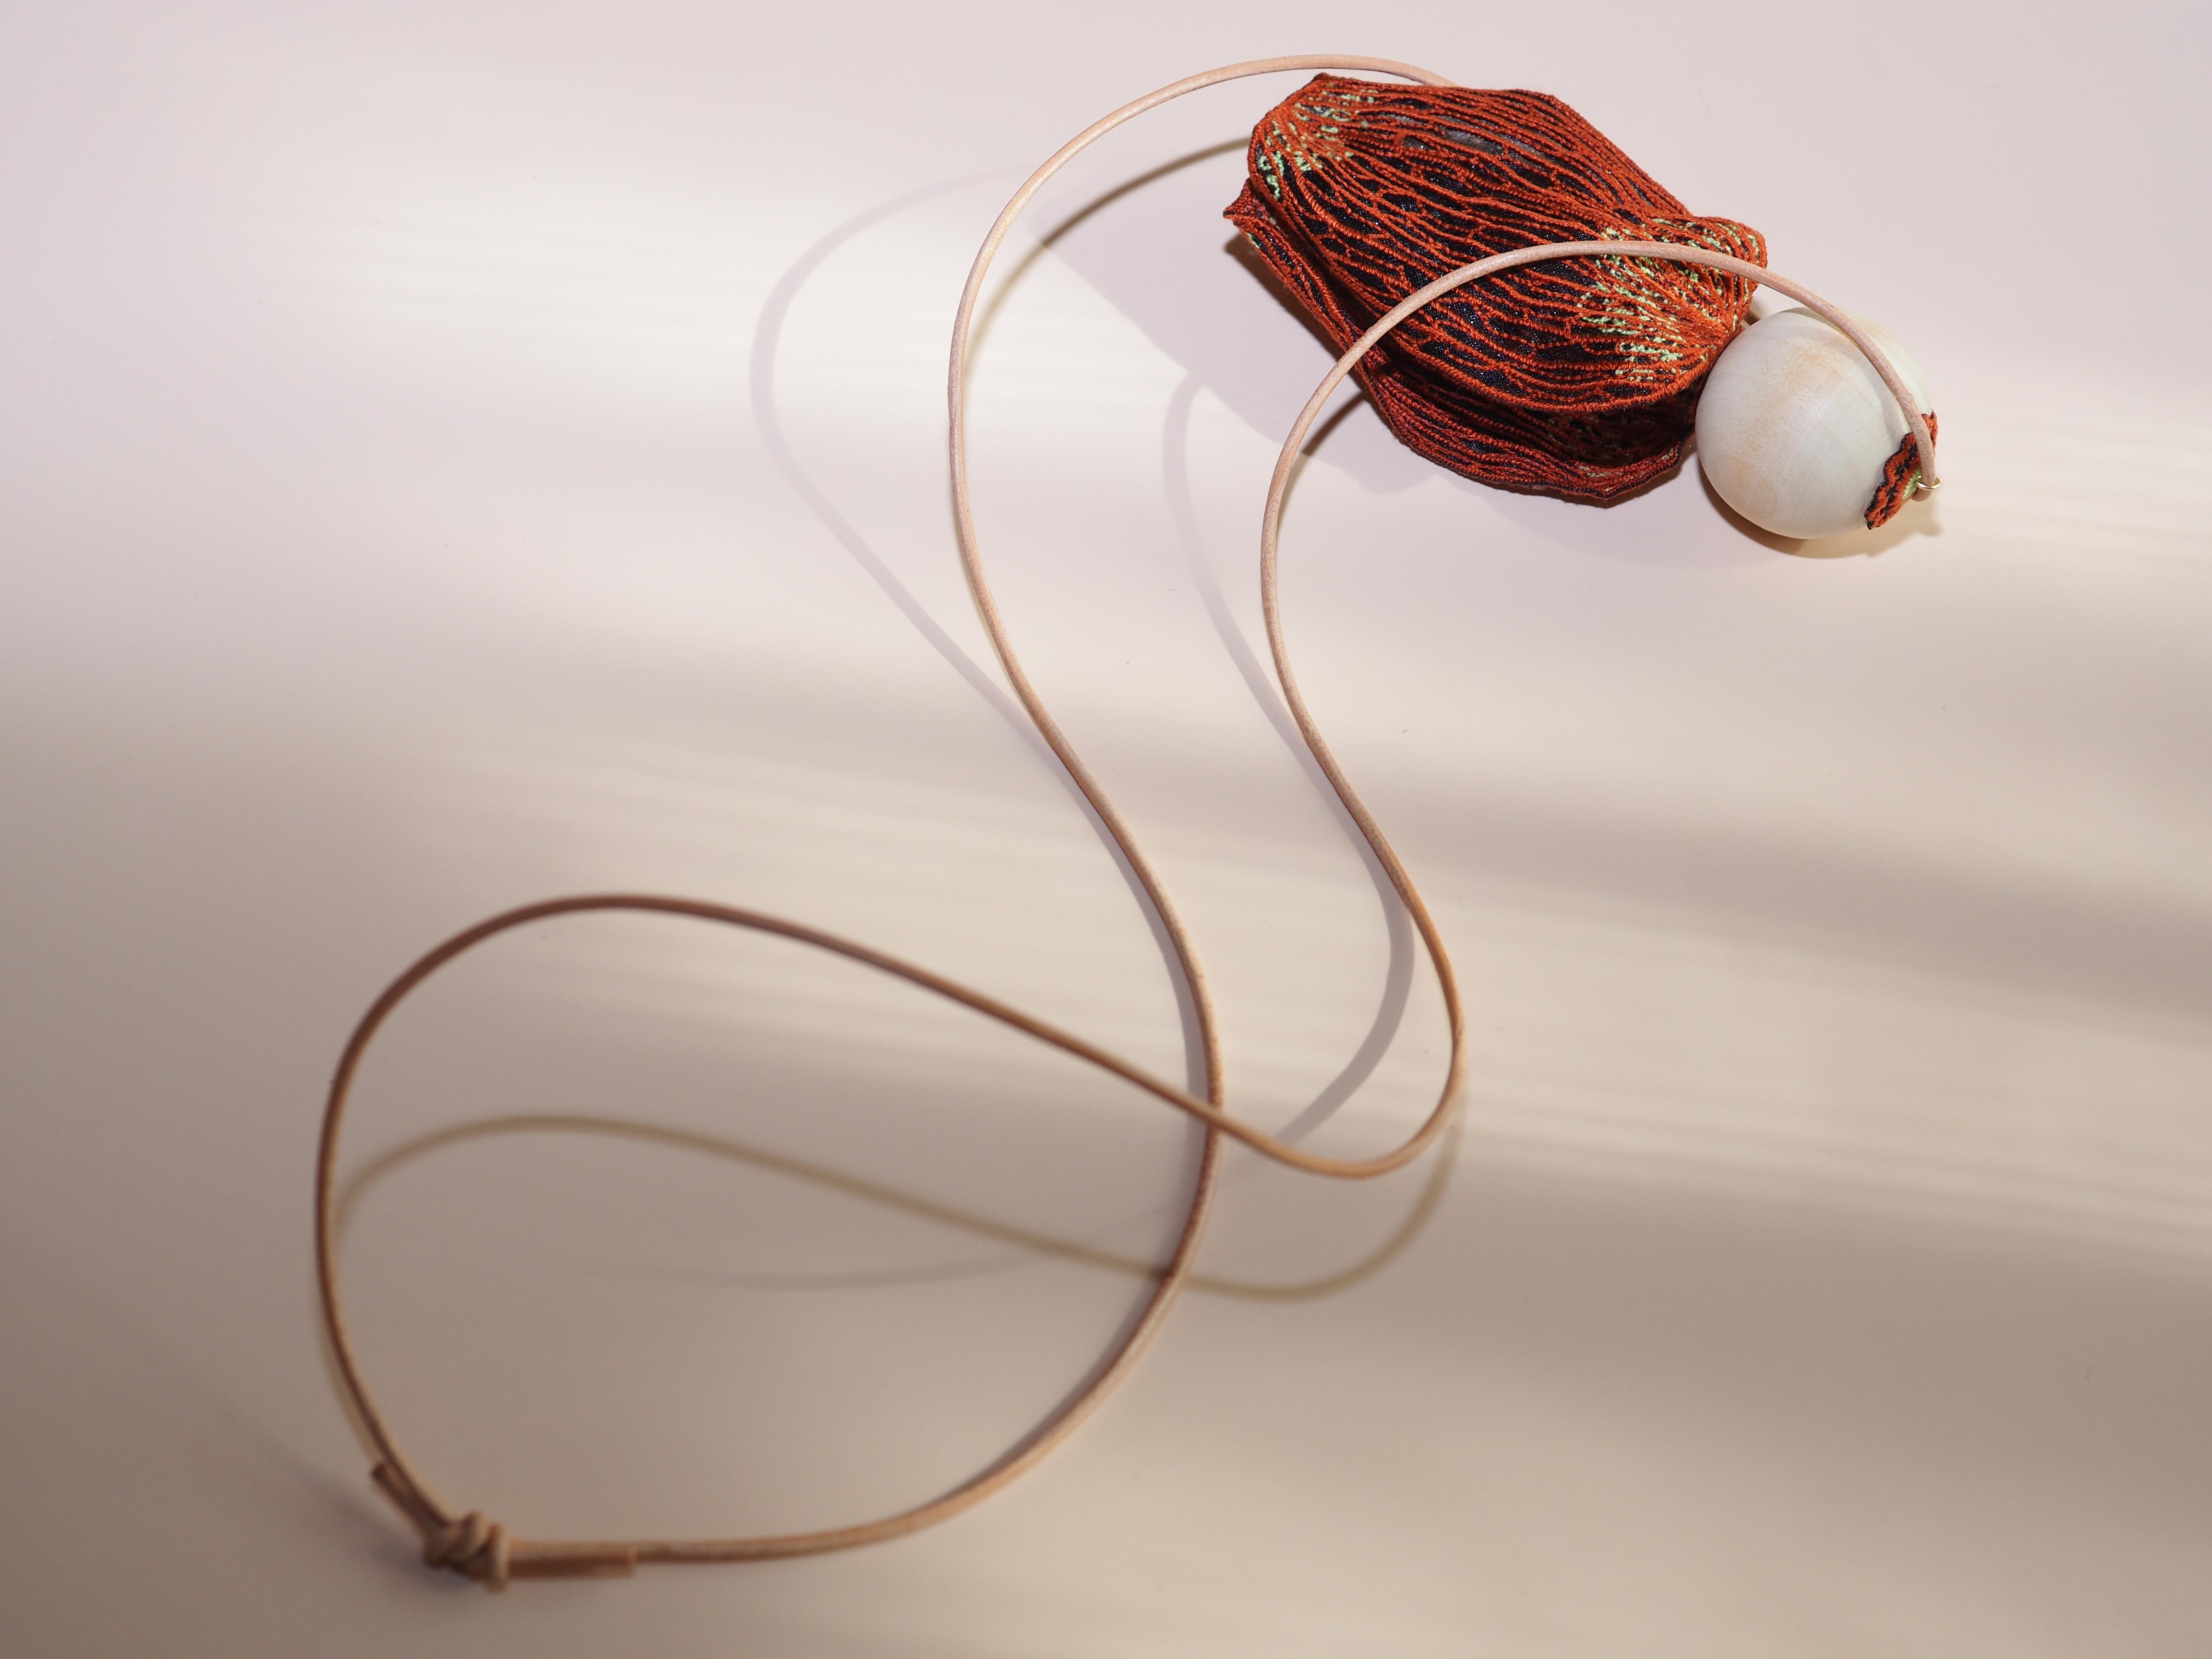 ARRO / Embroidery necklace / KALA / ORANGE